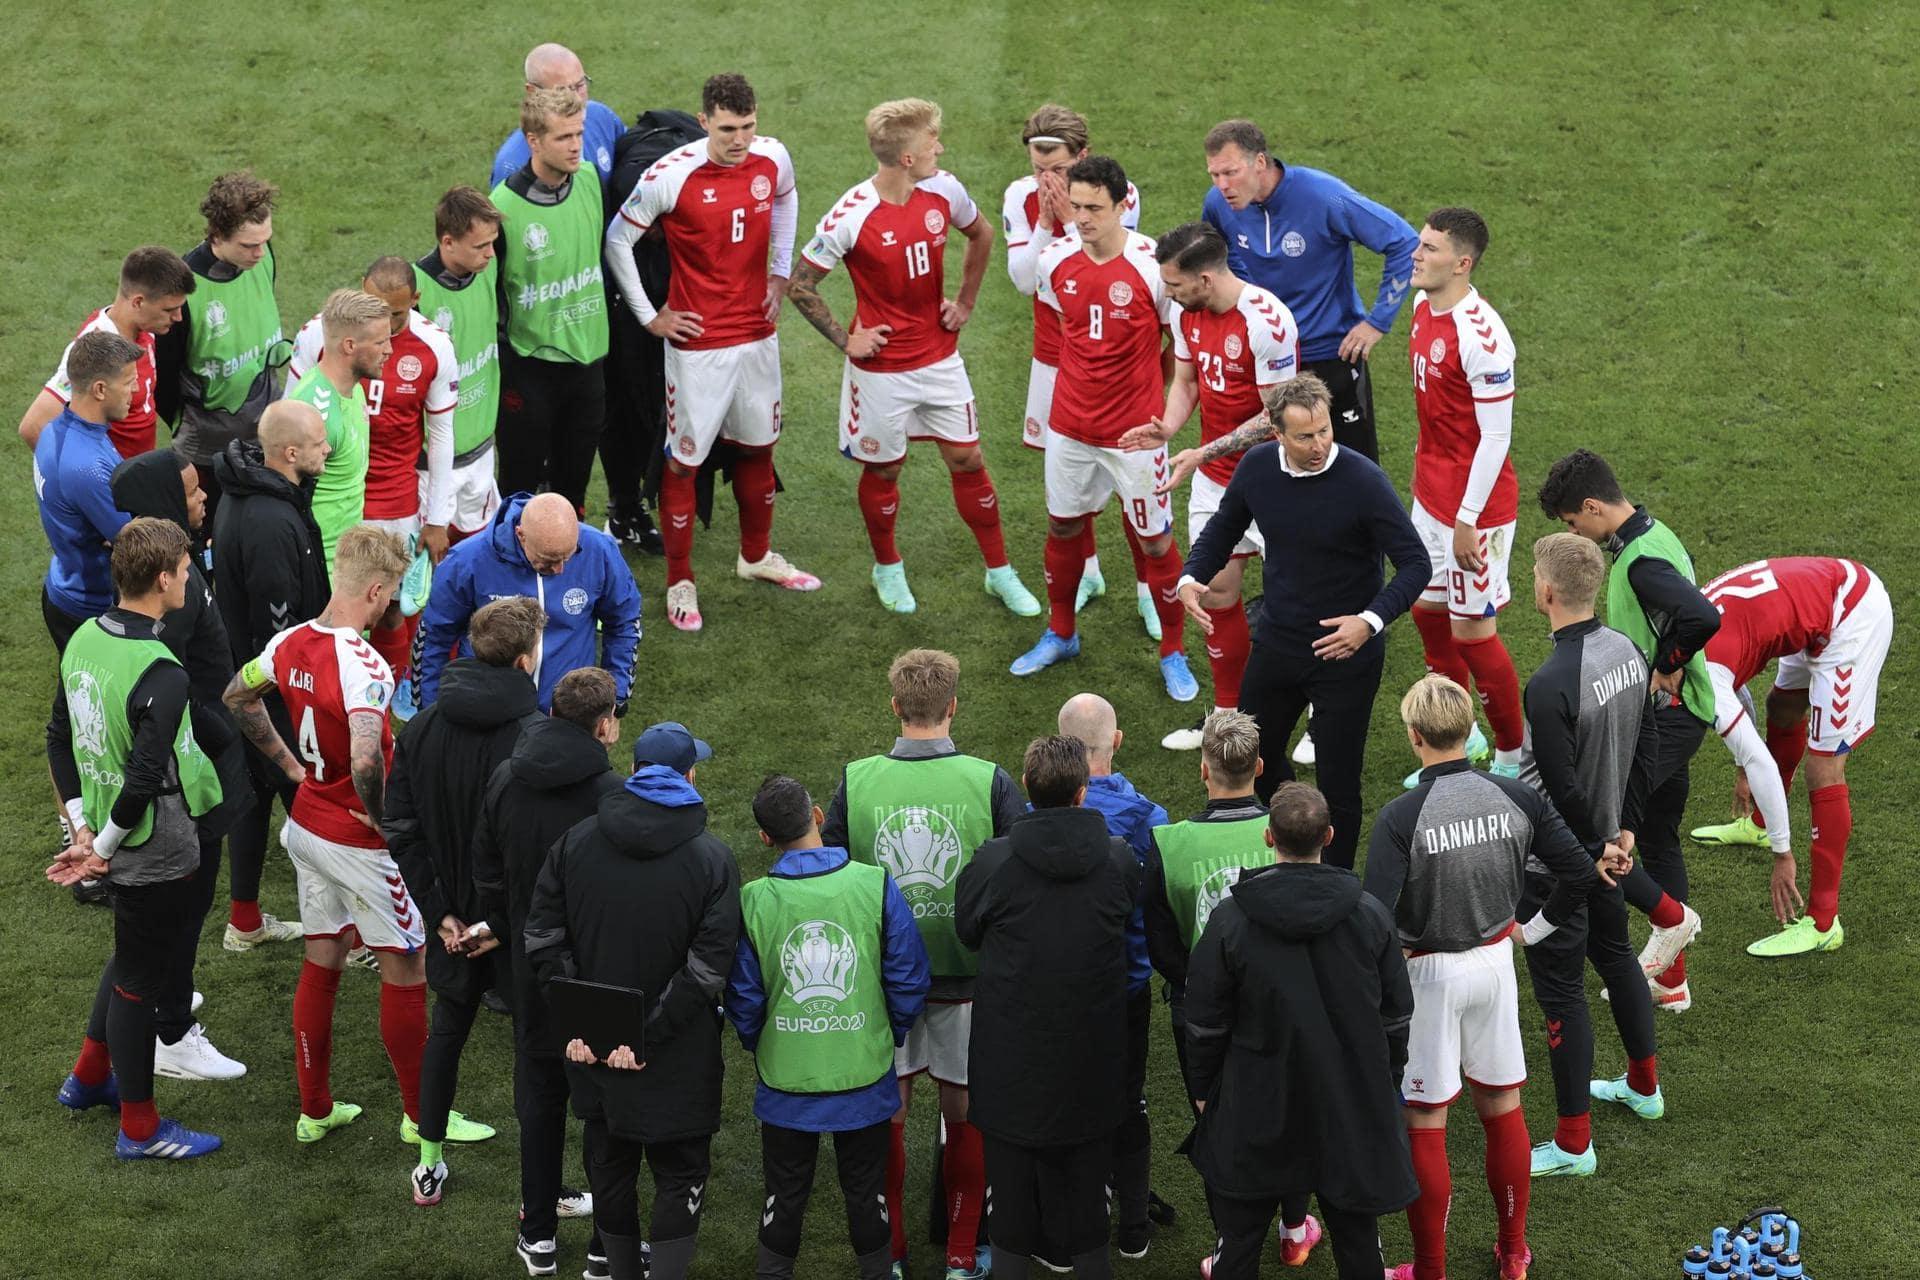 Dänen halten zusammen: «Wir werden für Christian spielen» Nach Kollaps im Finnland-Spiel